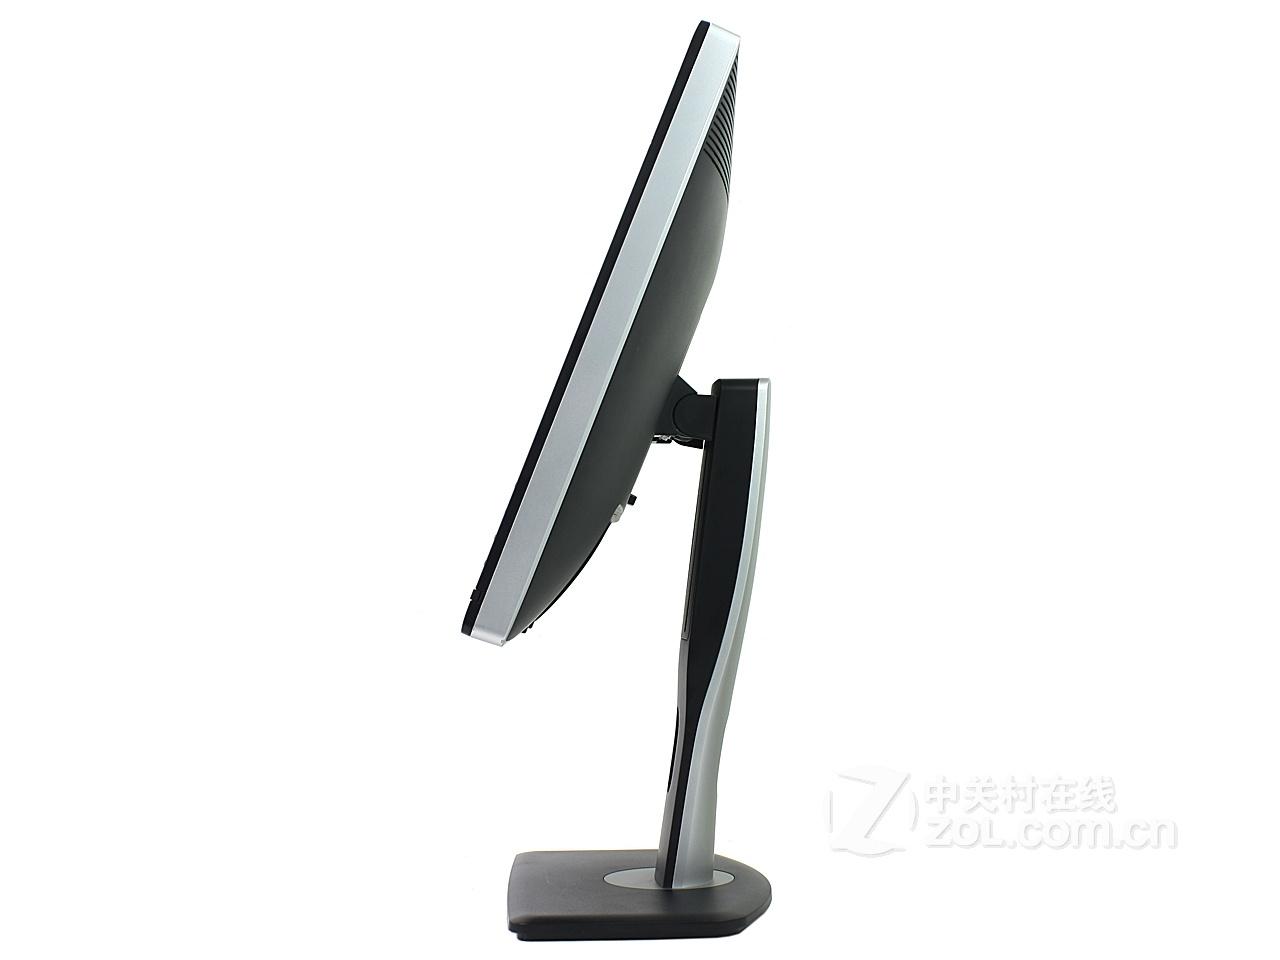 5(22寸)gw2240m广视角黑锐丽led背光电脑液晶显示器屏 款式新颖供应19